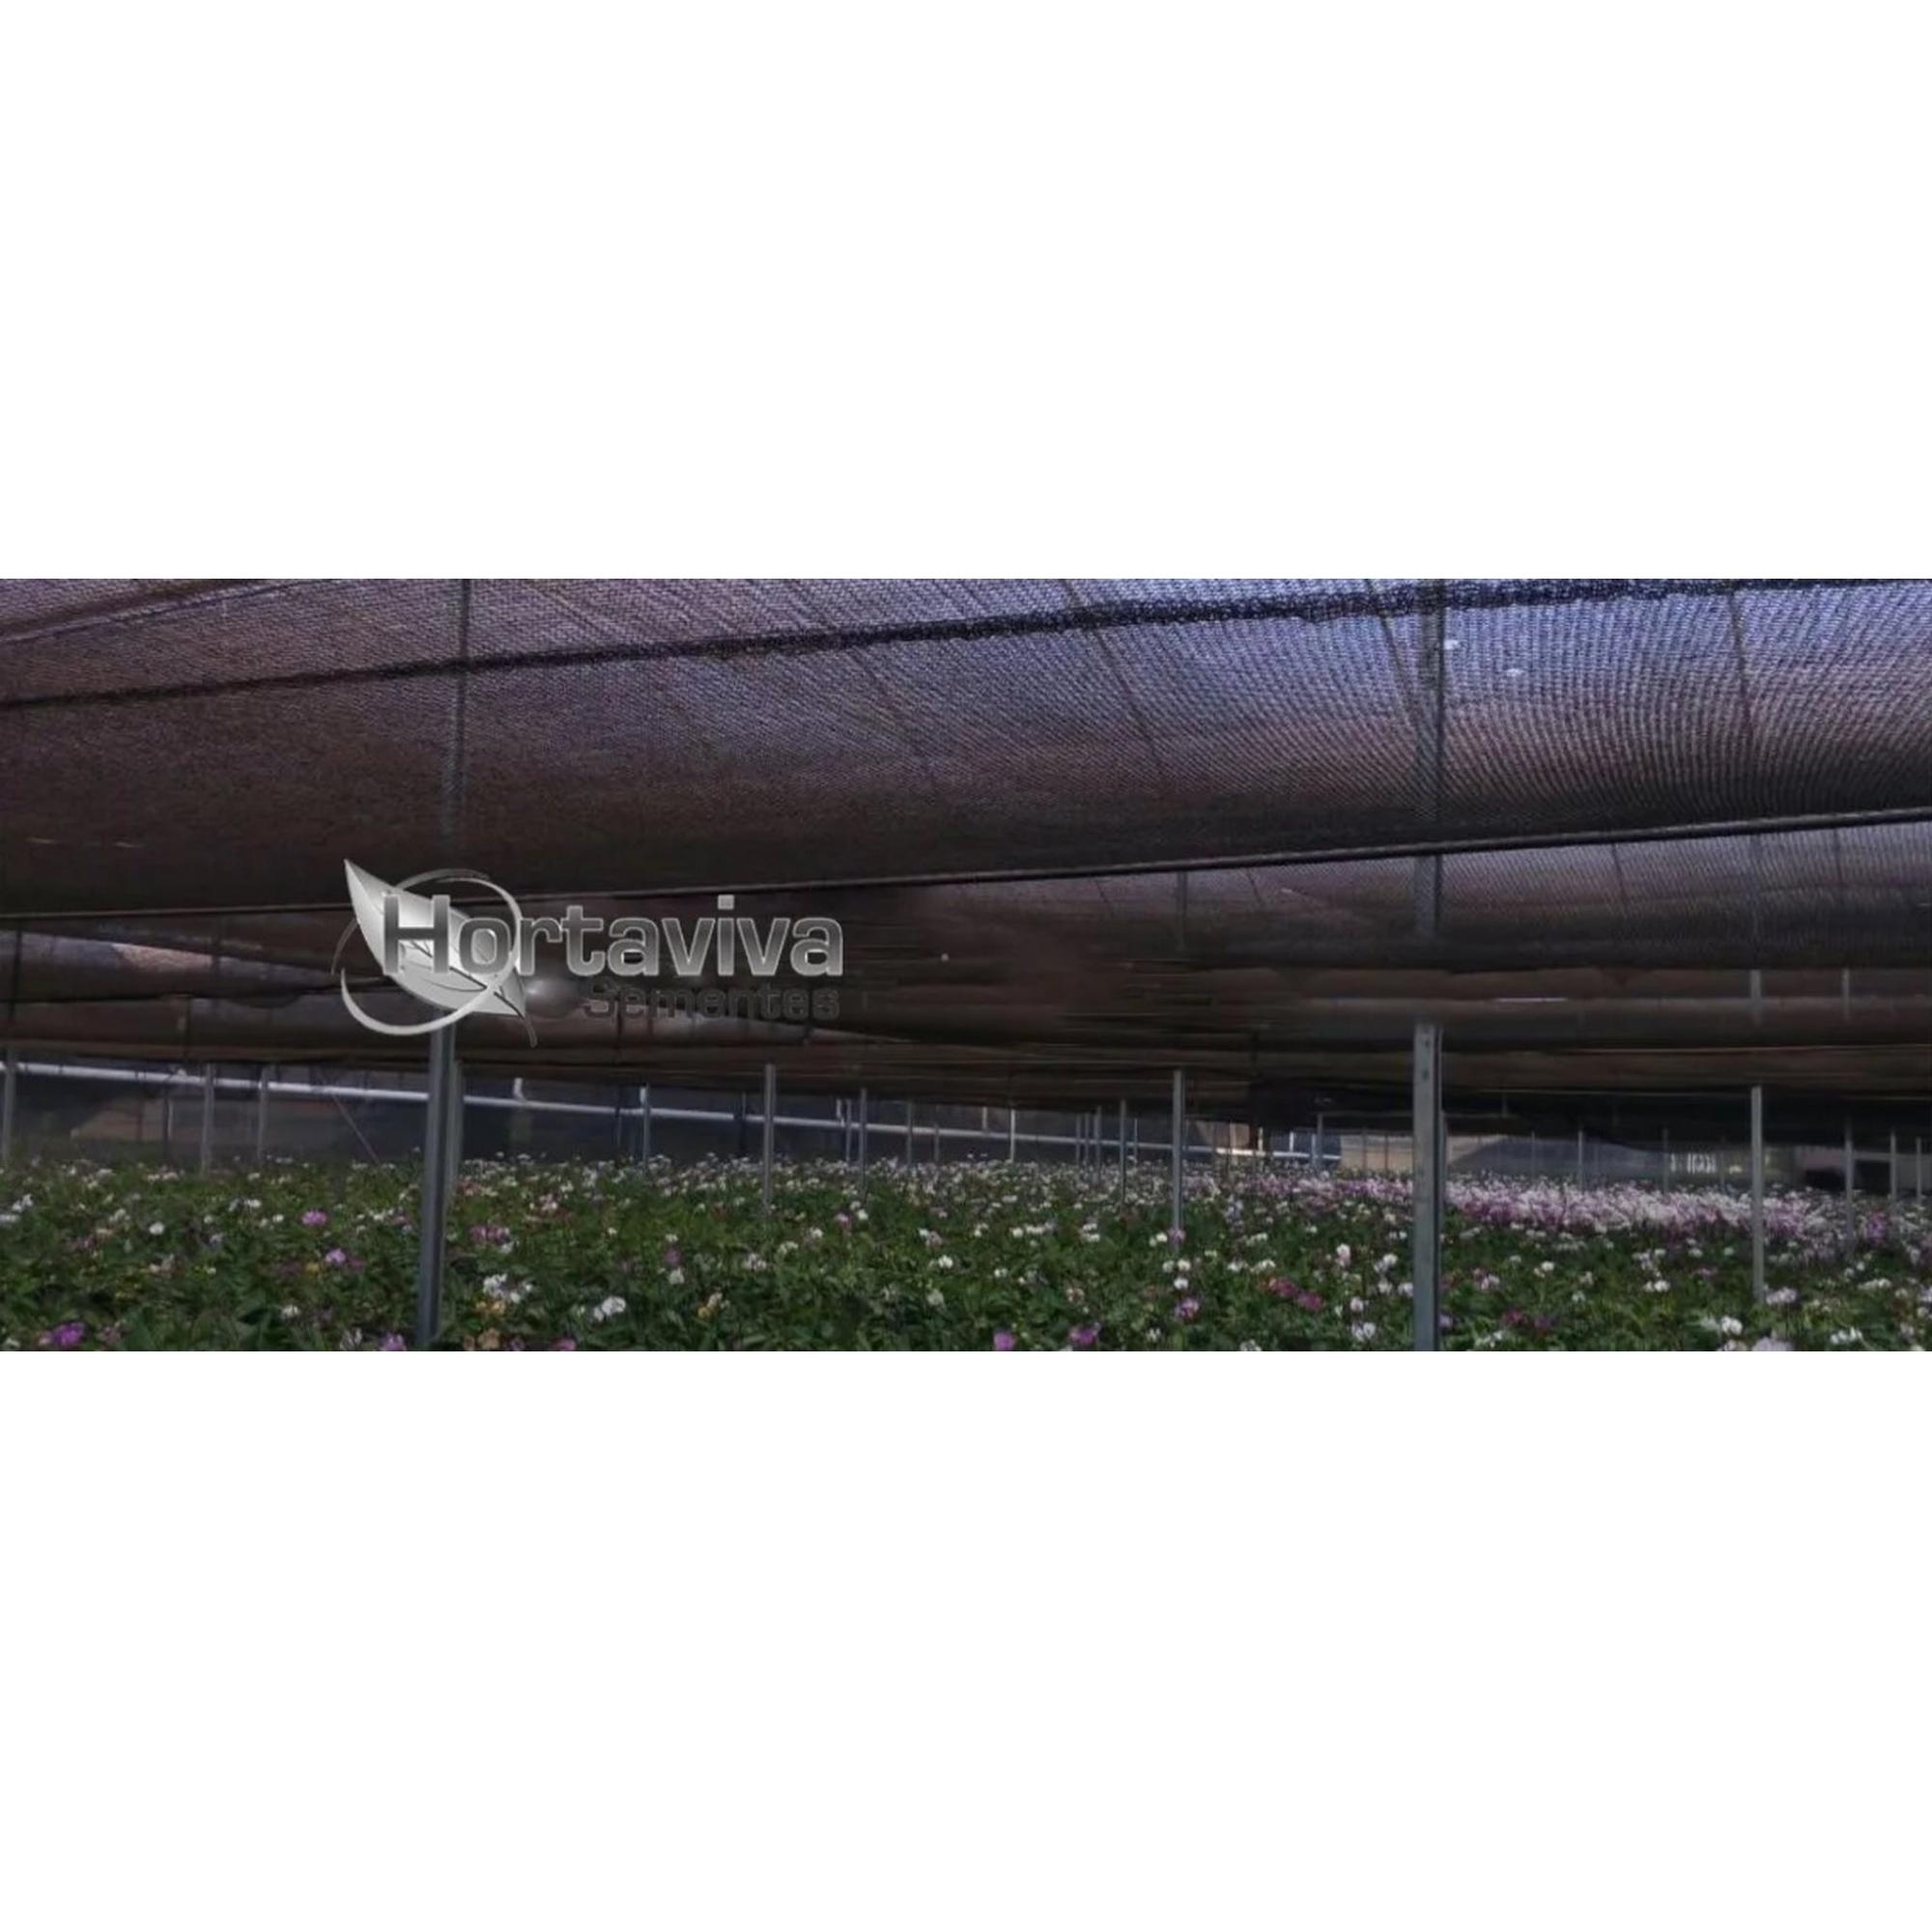 Tela de Sombreamento Preta 50% - 3 Metros x 150 Metros